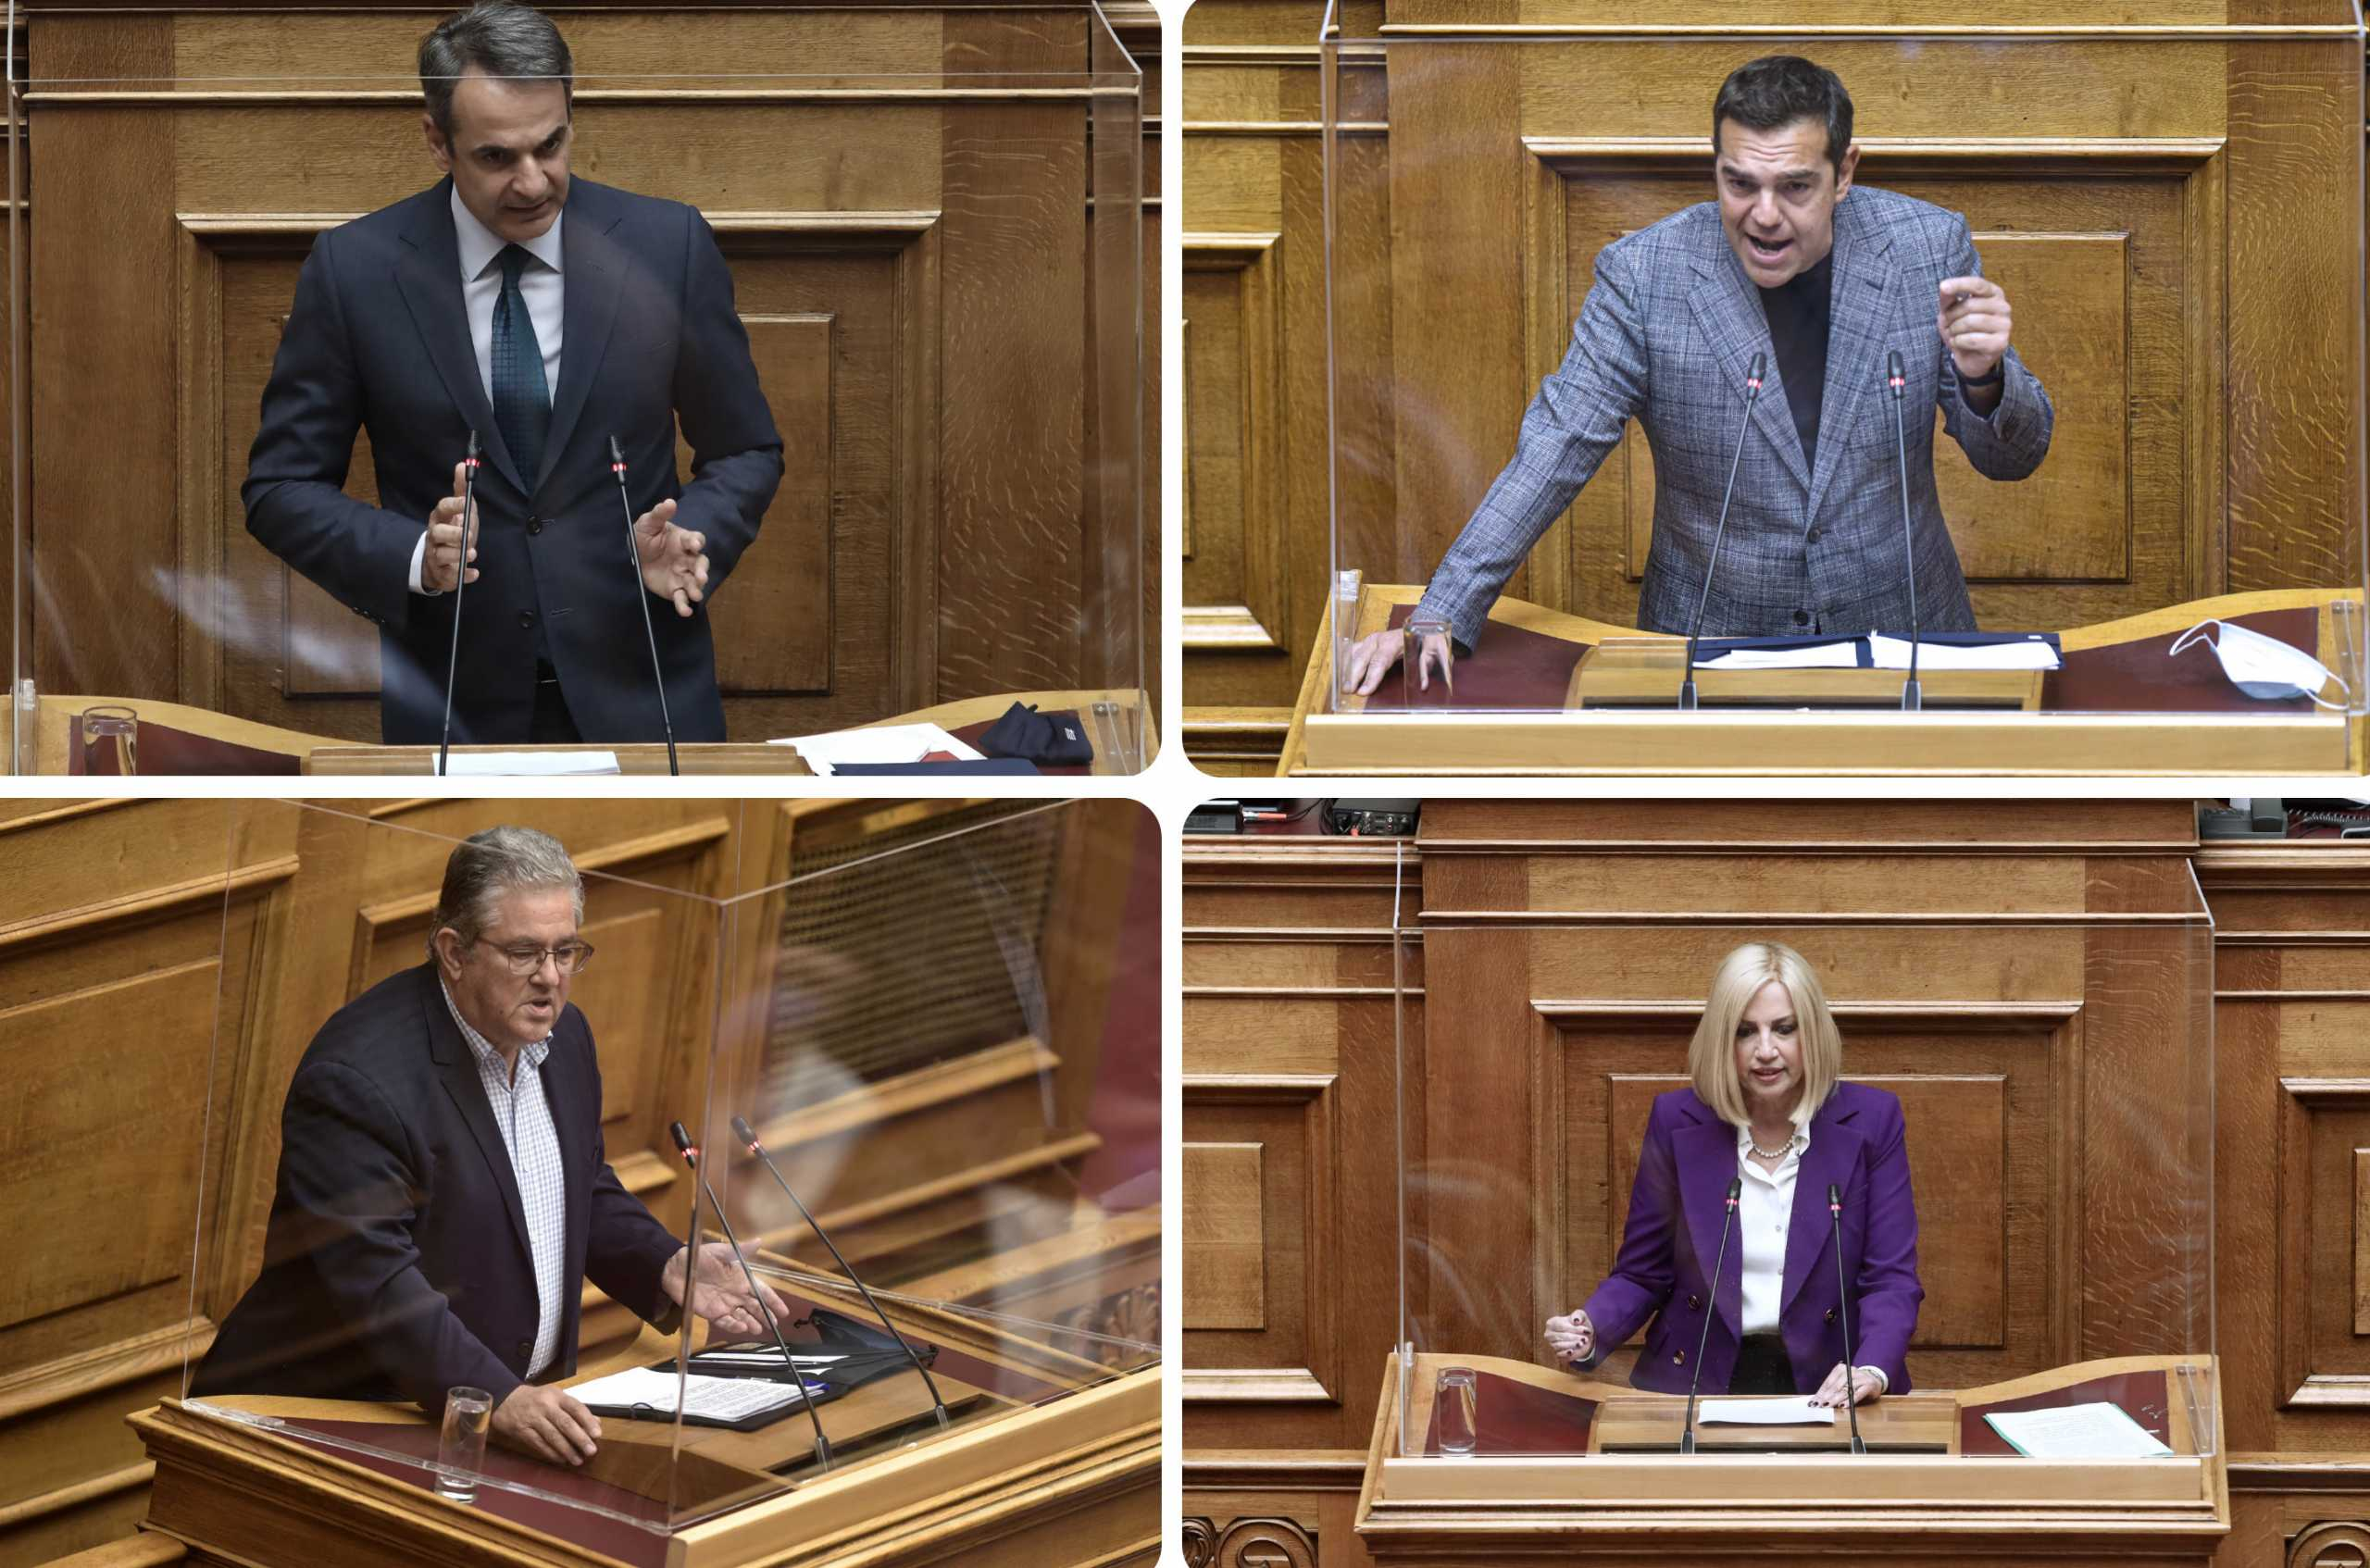 Εργασιακό νομοσχέδιο: Στο «κόκκινο» σήμερα η αντιπαράθεση με τις τοποθετήσεις των πολιτικών αρχηγών